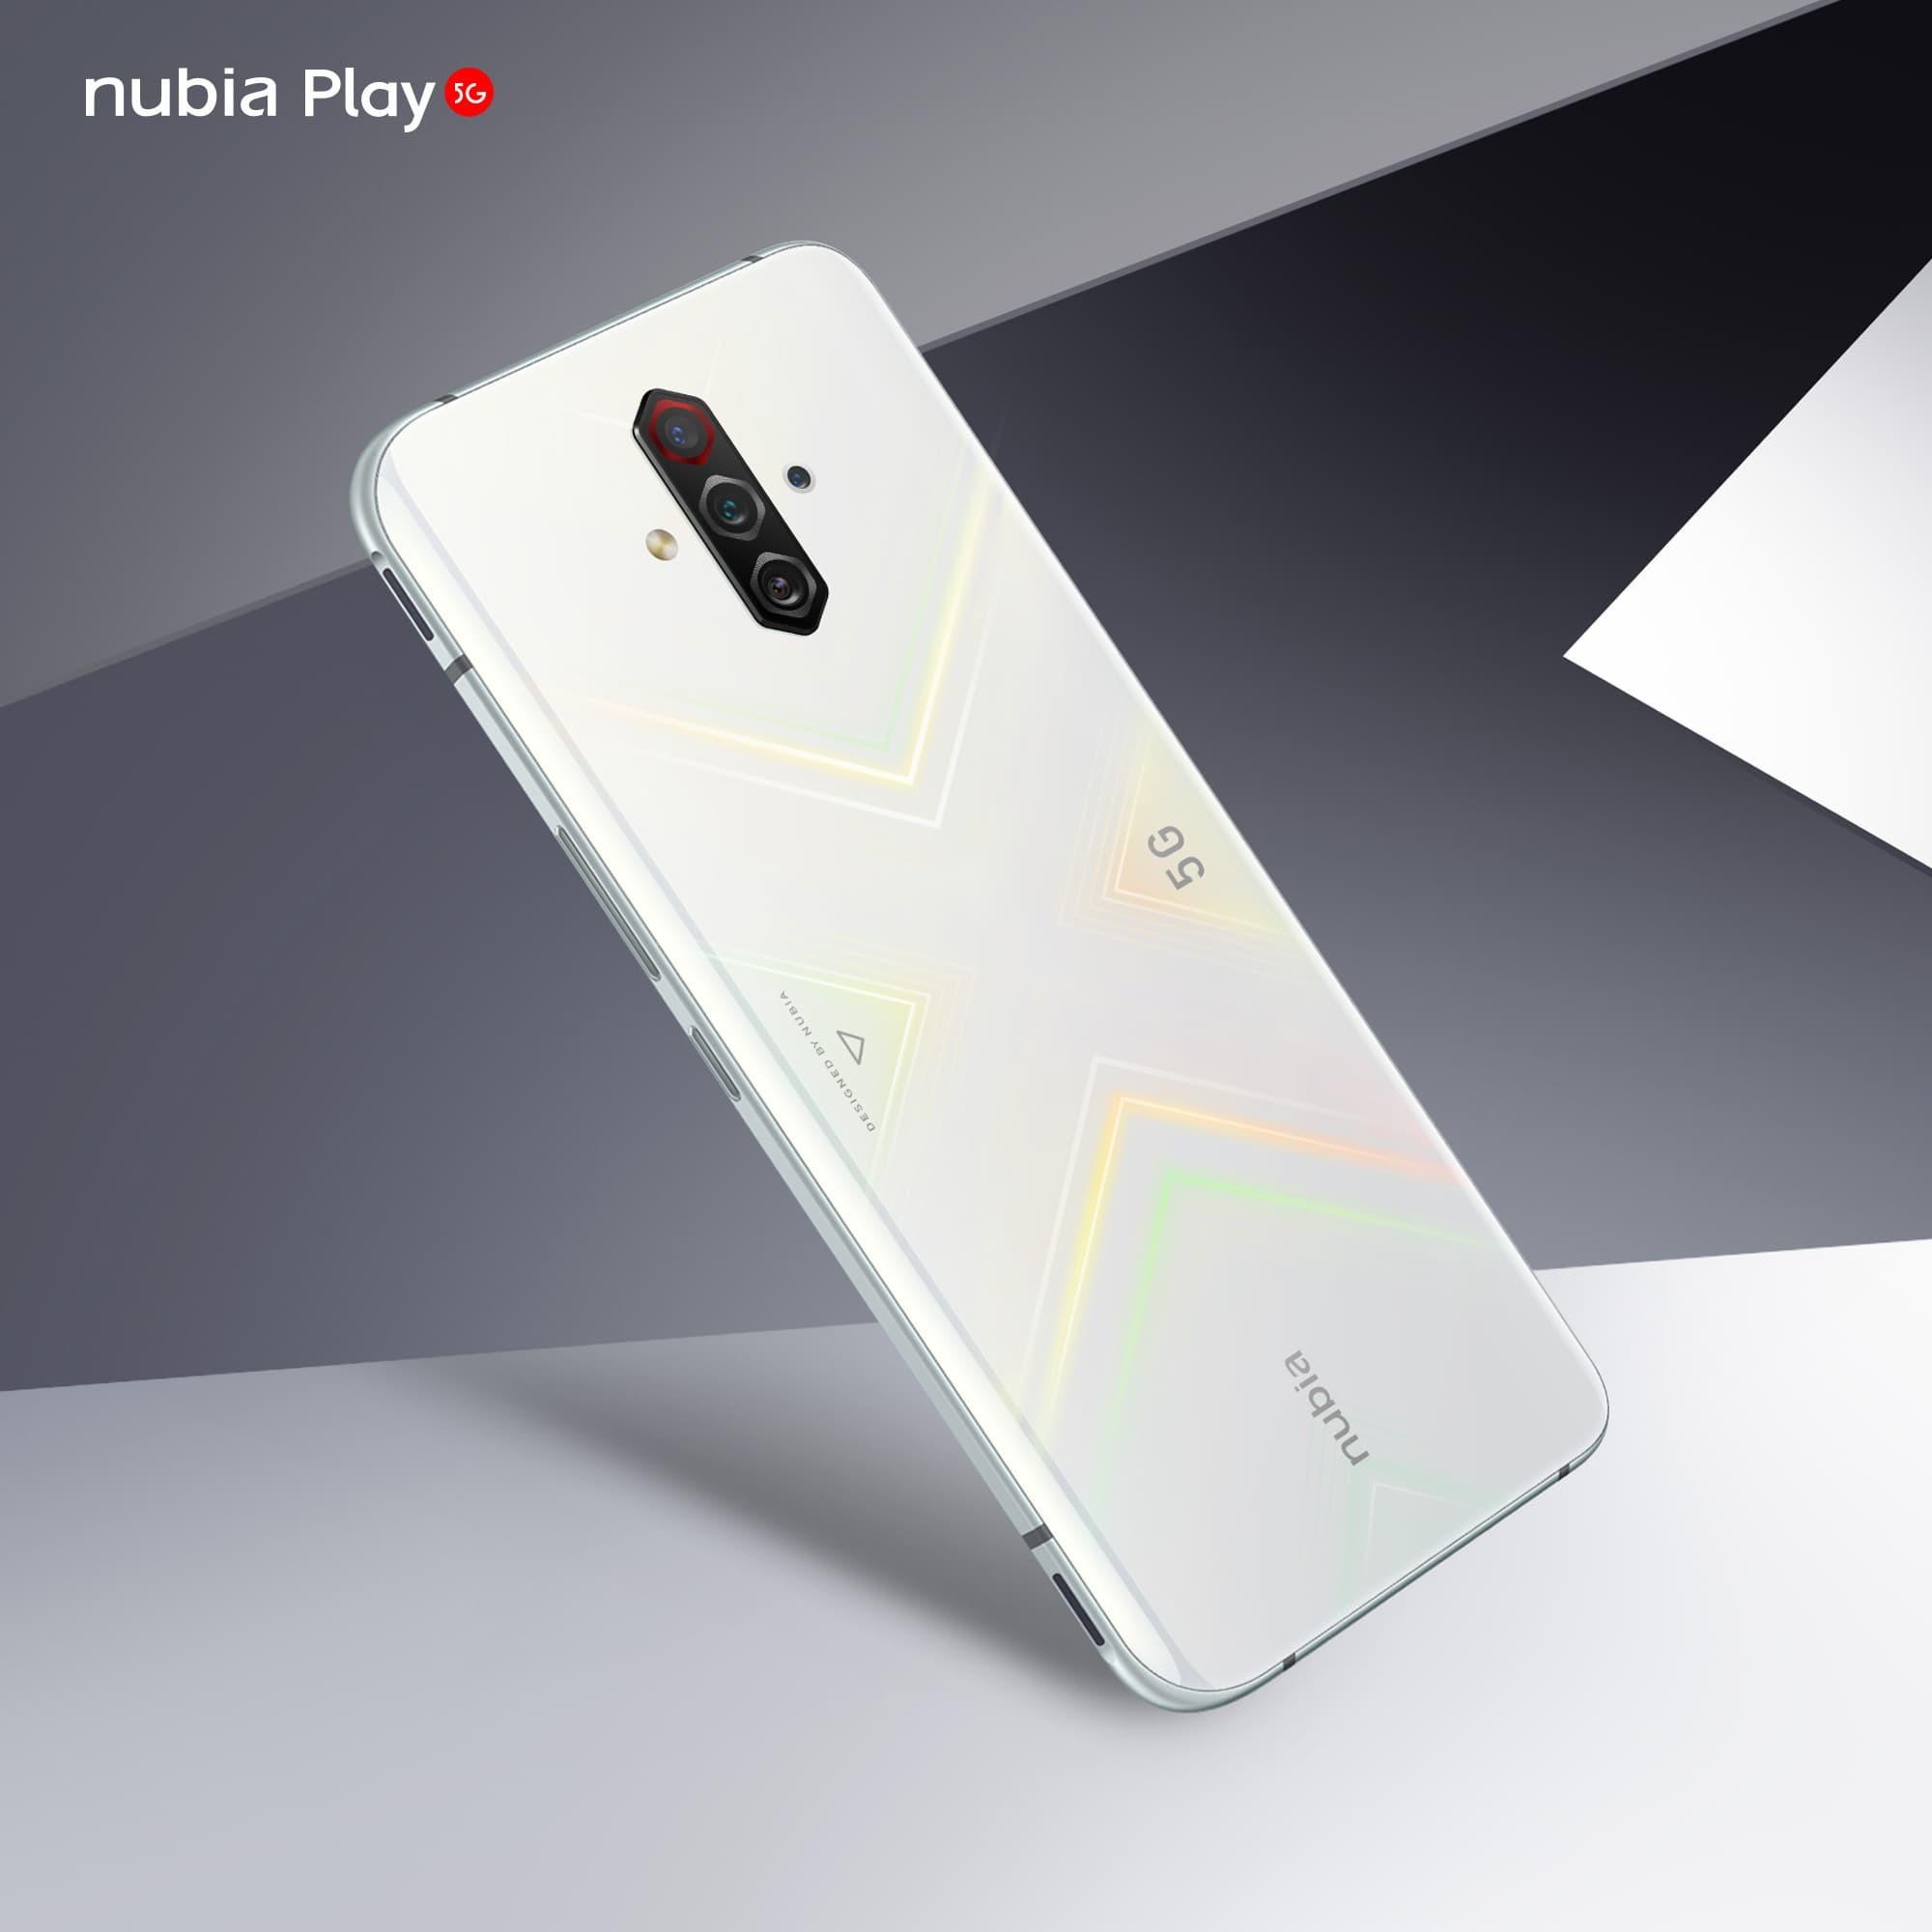 Nubia Play 5G White